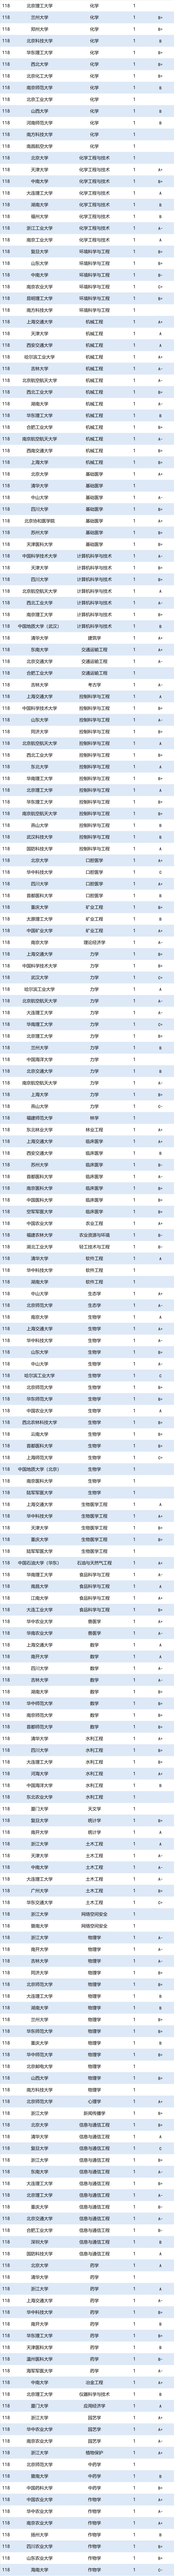 2020年中国国家杰出青年科学基金获得者大学排名,北京大学第1